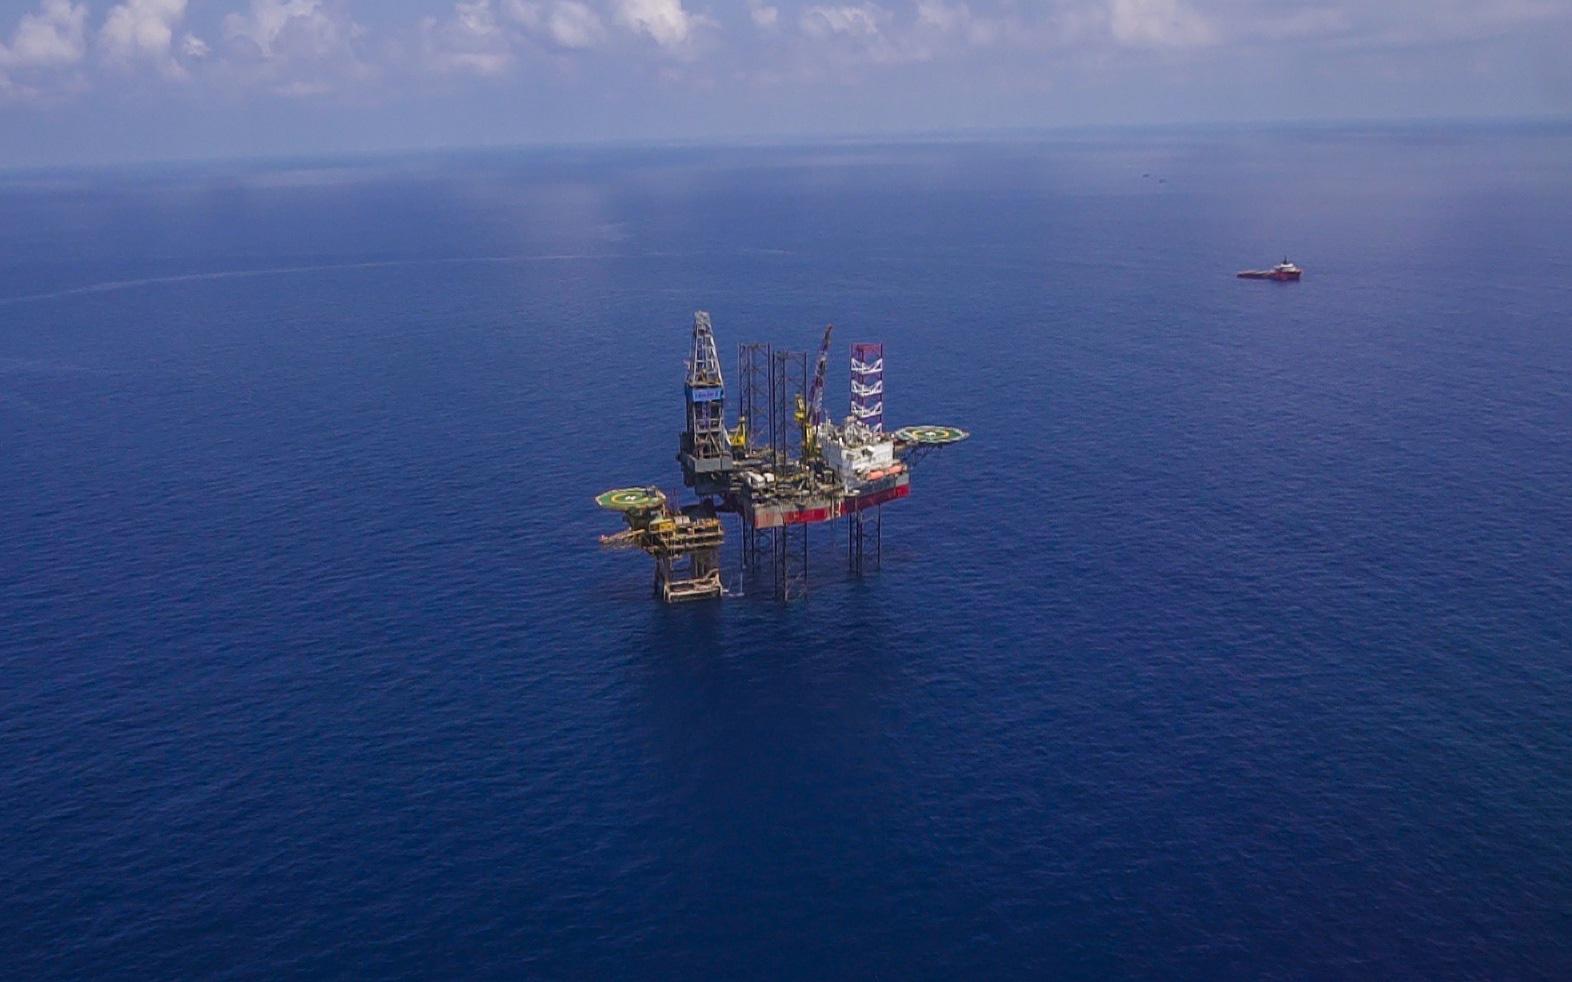 PVN đang trong giai đoạn khó khăn nhất lịch sử, đang xem xét phương án mua dự trữ dầu thô chờ thị trường ấm trở lại - Ảnh 2.